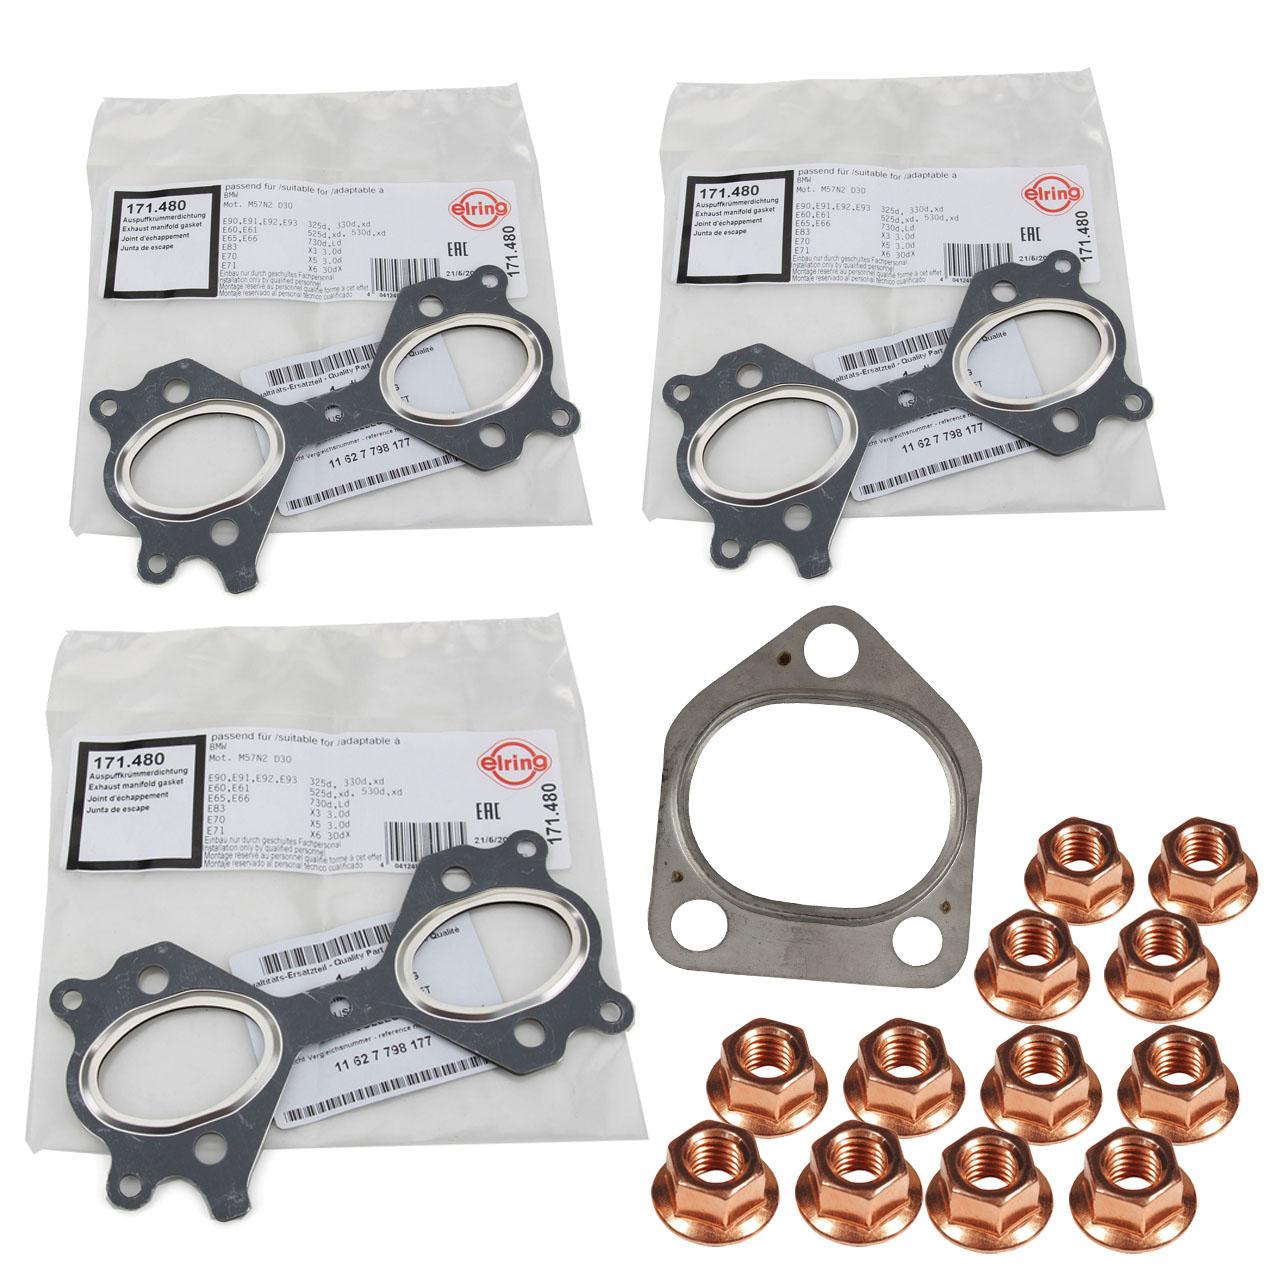 Abgaskrümmerdichtung + Schrauben Set für BMW E46 330d E39 E60 E61 525d 530d M57